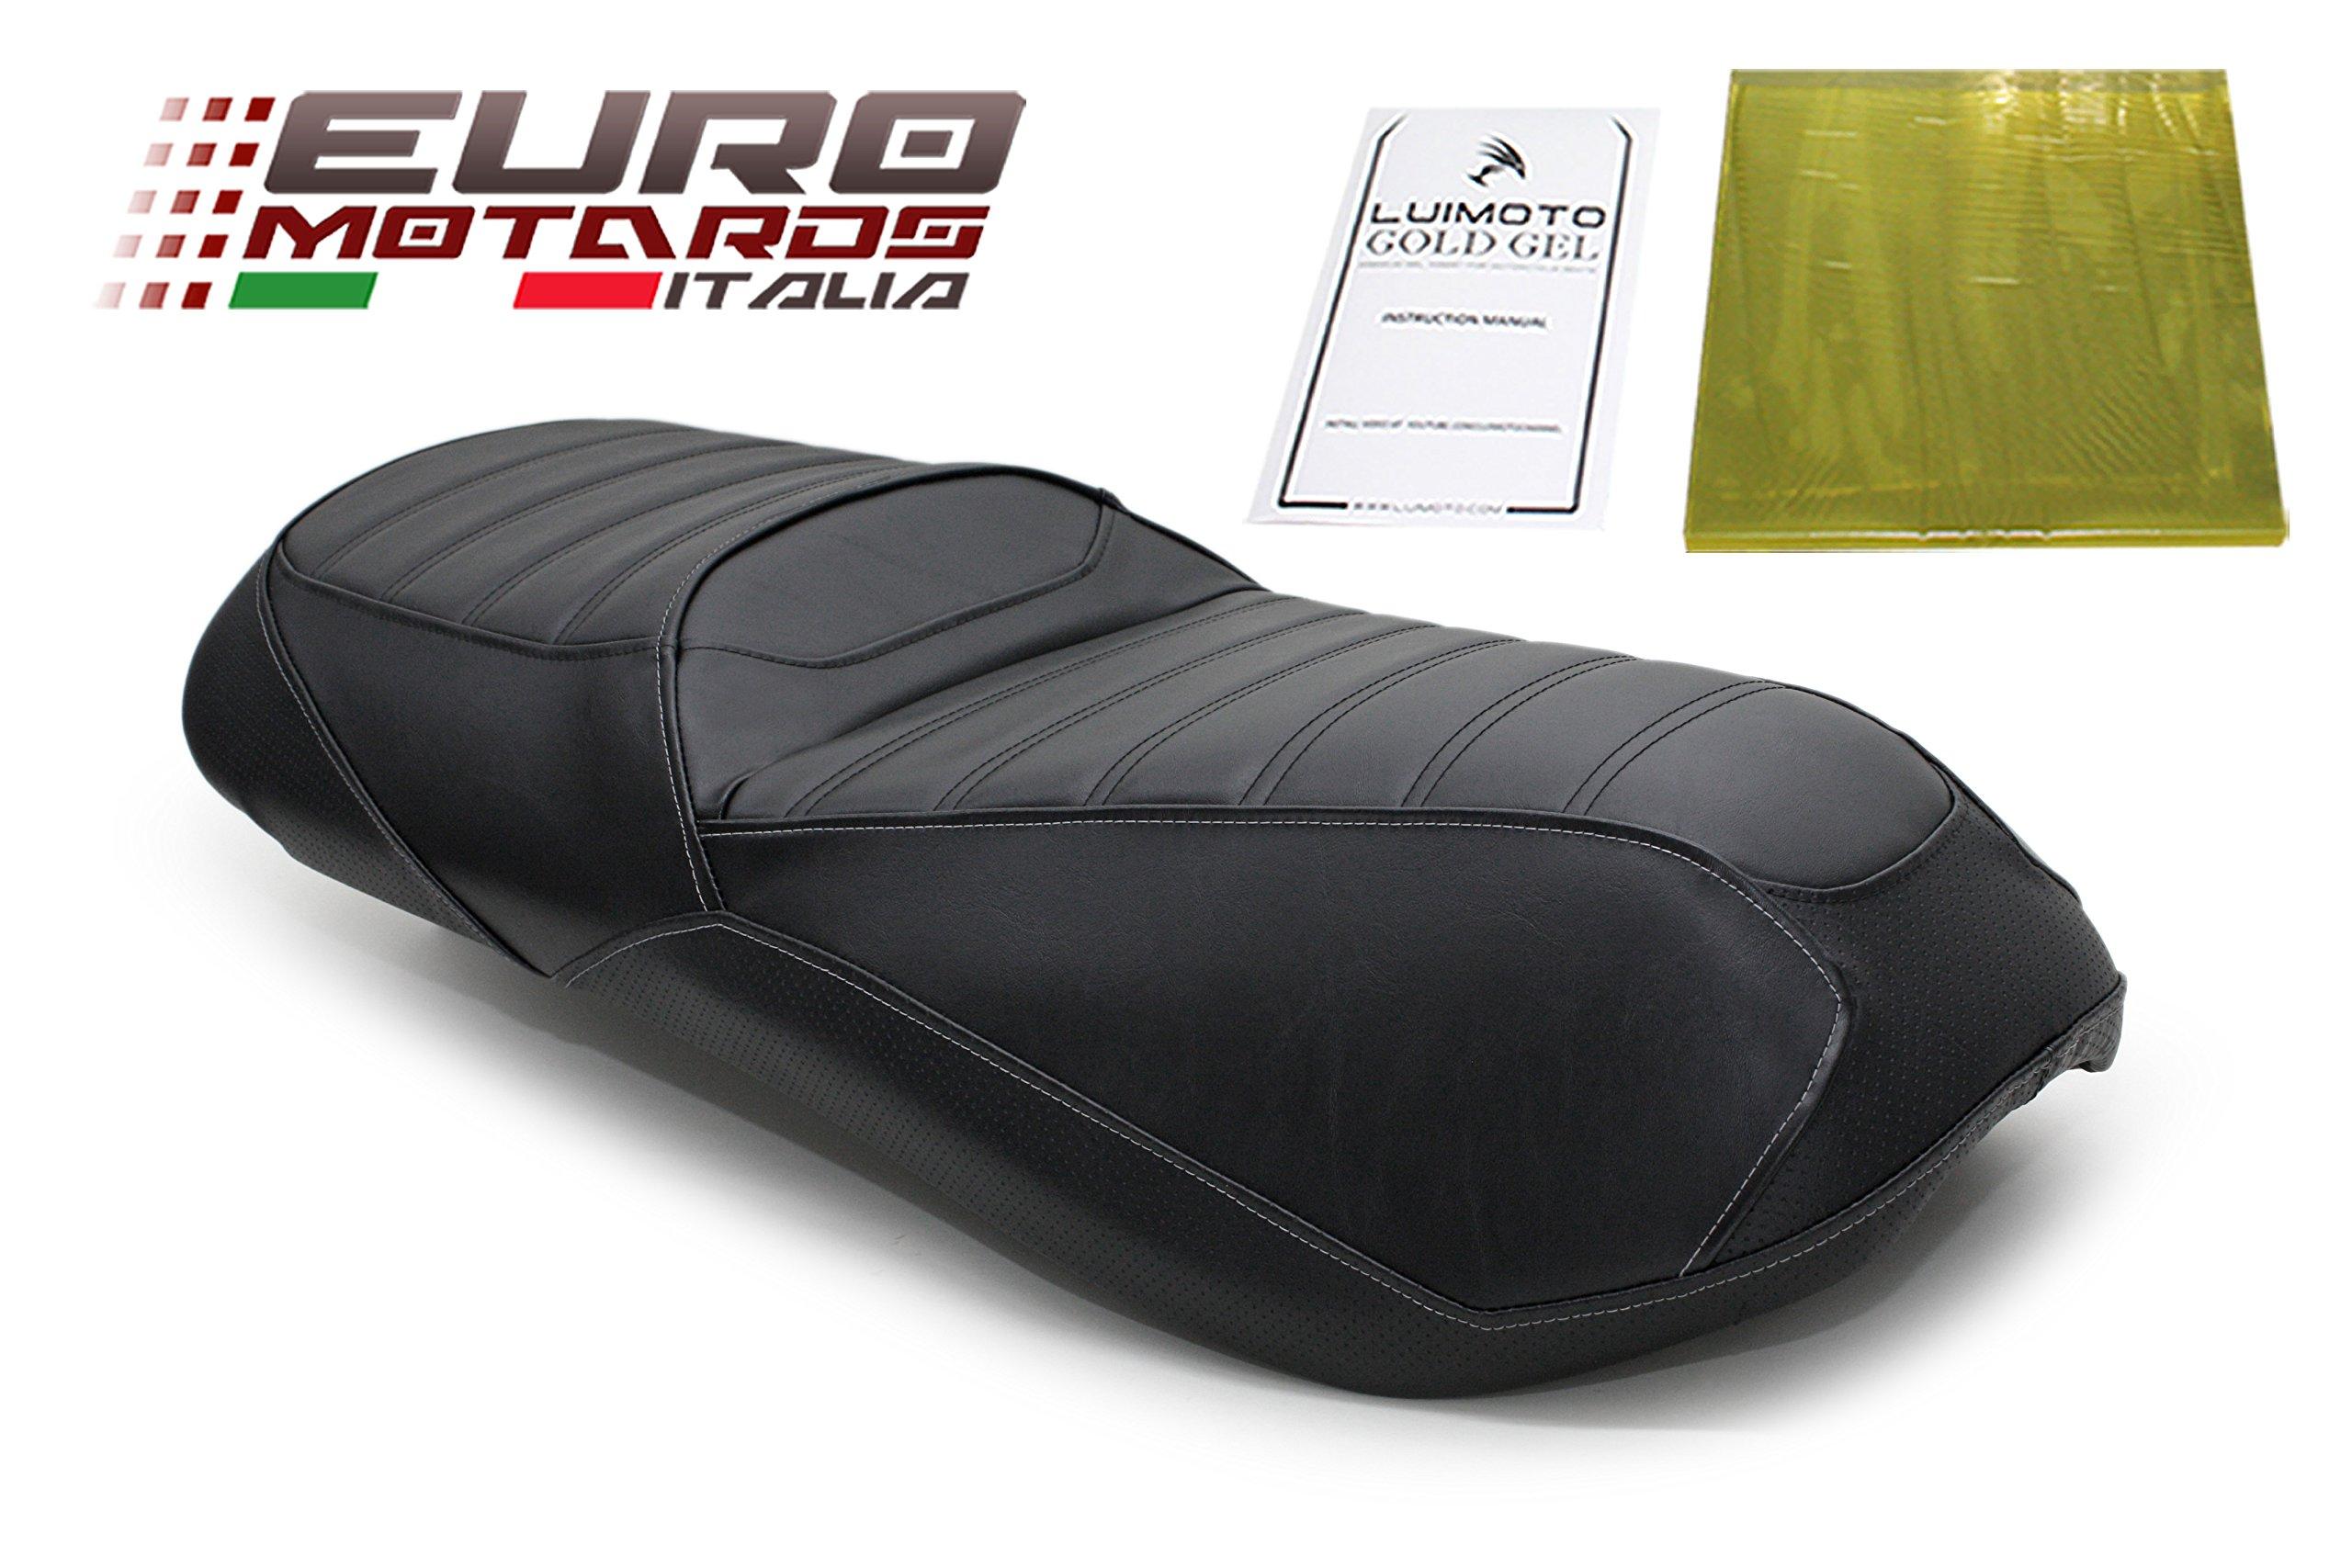 Piaggio MP3 500 Sport 2010-2012 Luimoto Aero Edition Seat Cover New + Gel Pad